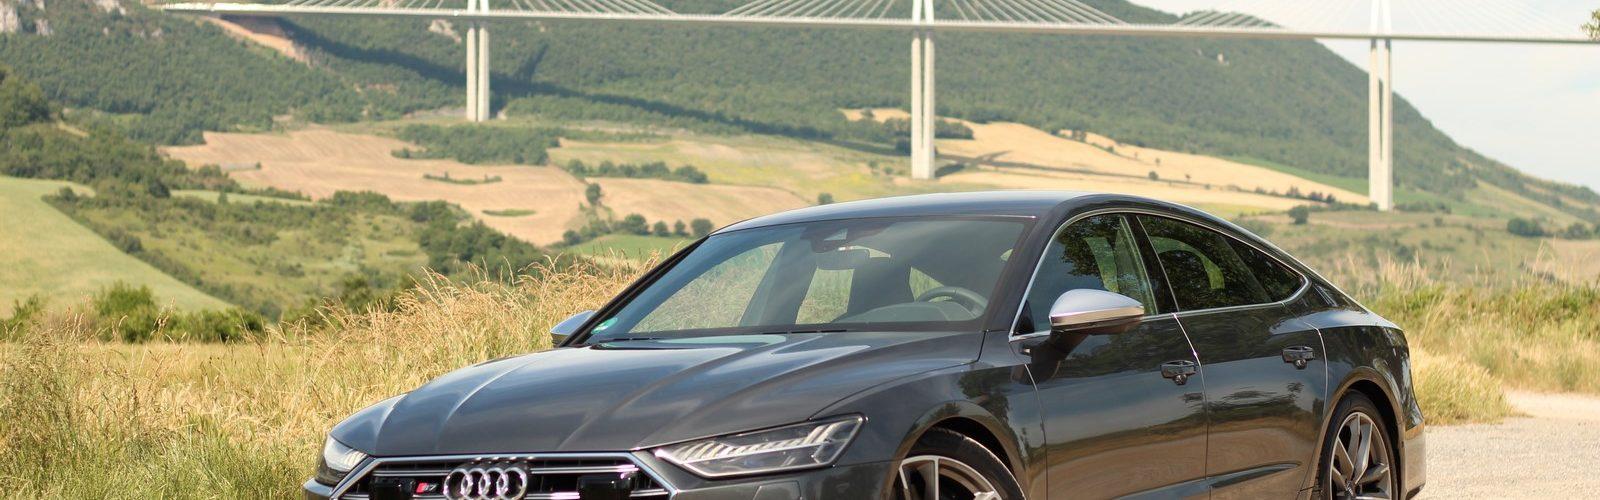 Essai Audi S7 LNA Dumoulin 2019 (23)